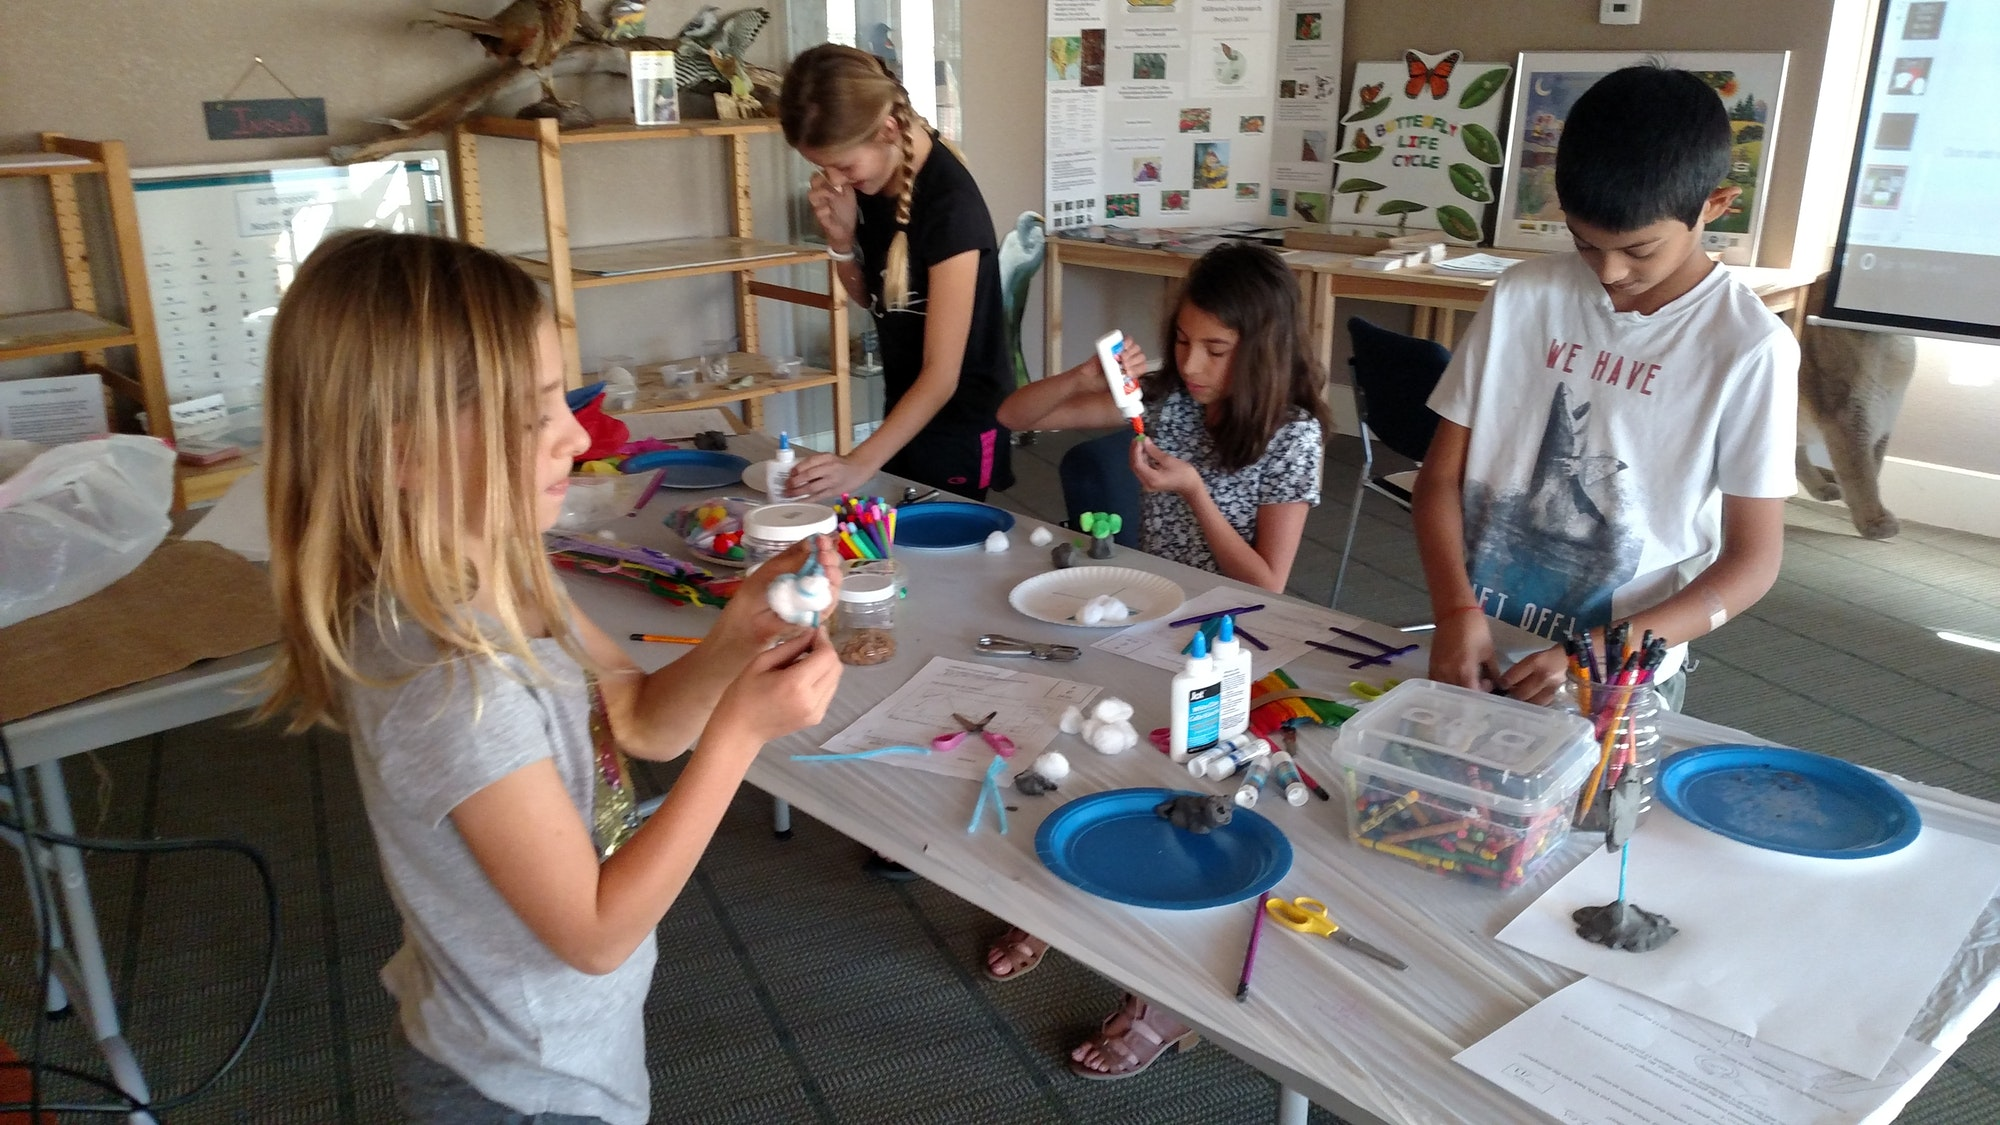 Homeschool students working on activities